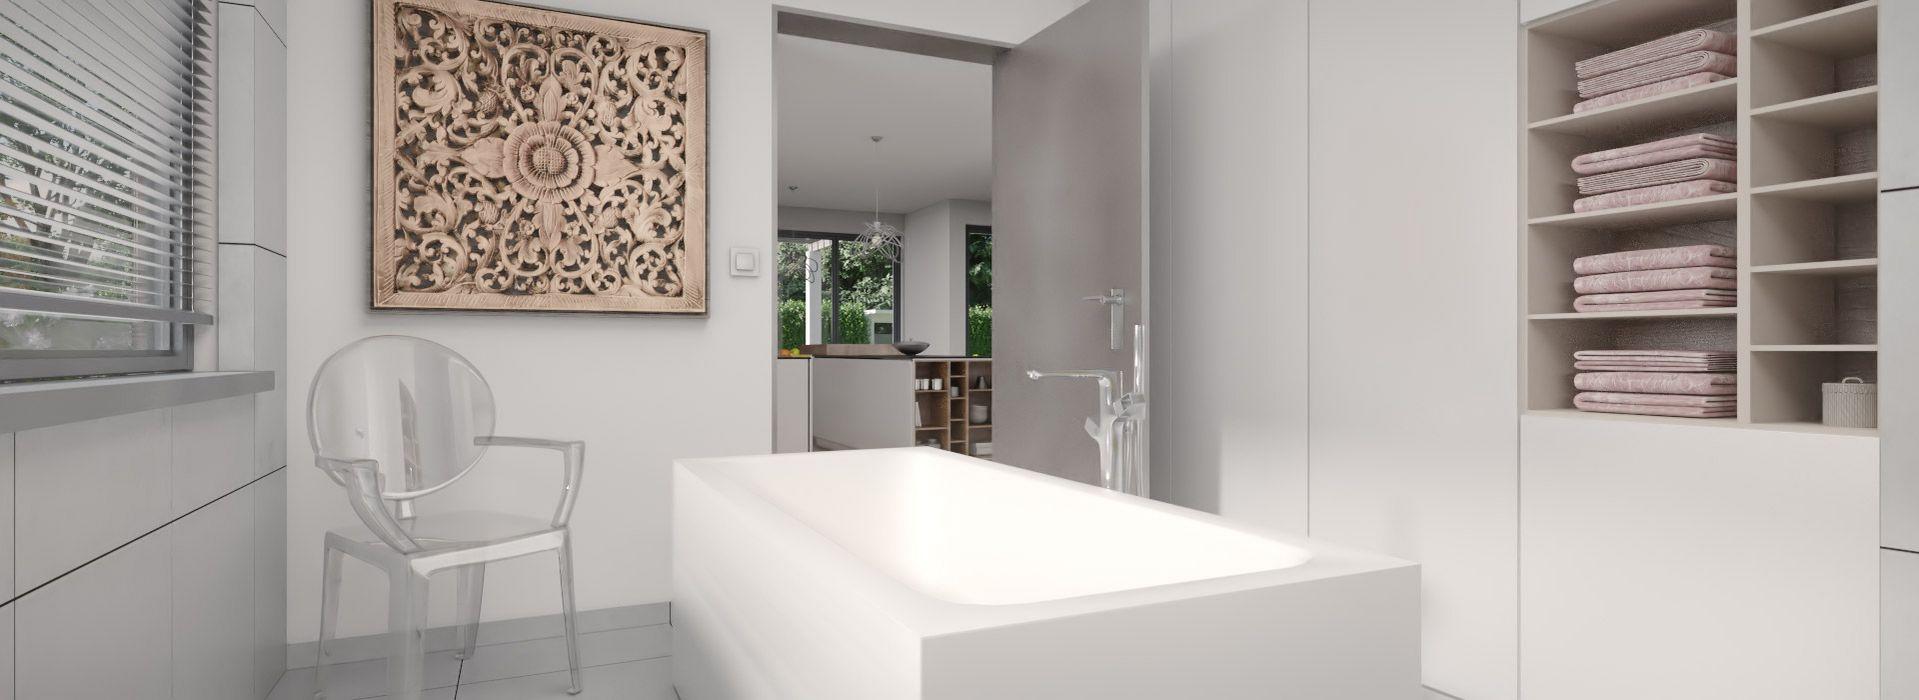 Mobel Salle De Bain salle de bain | kleiberit holz / möbel